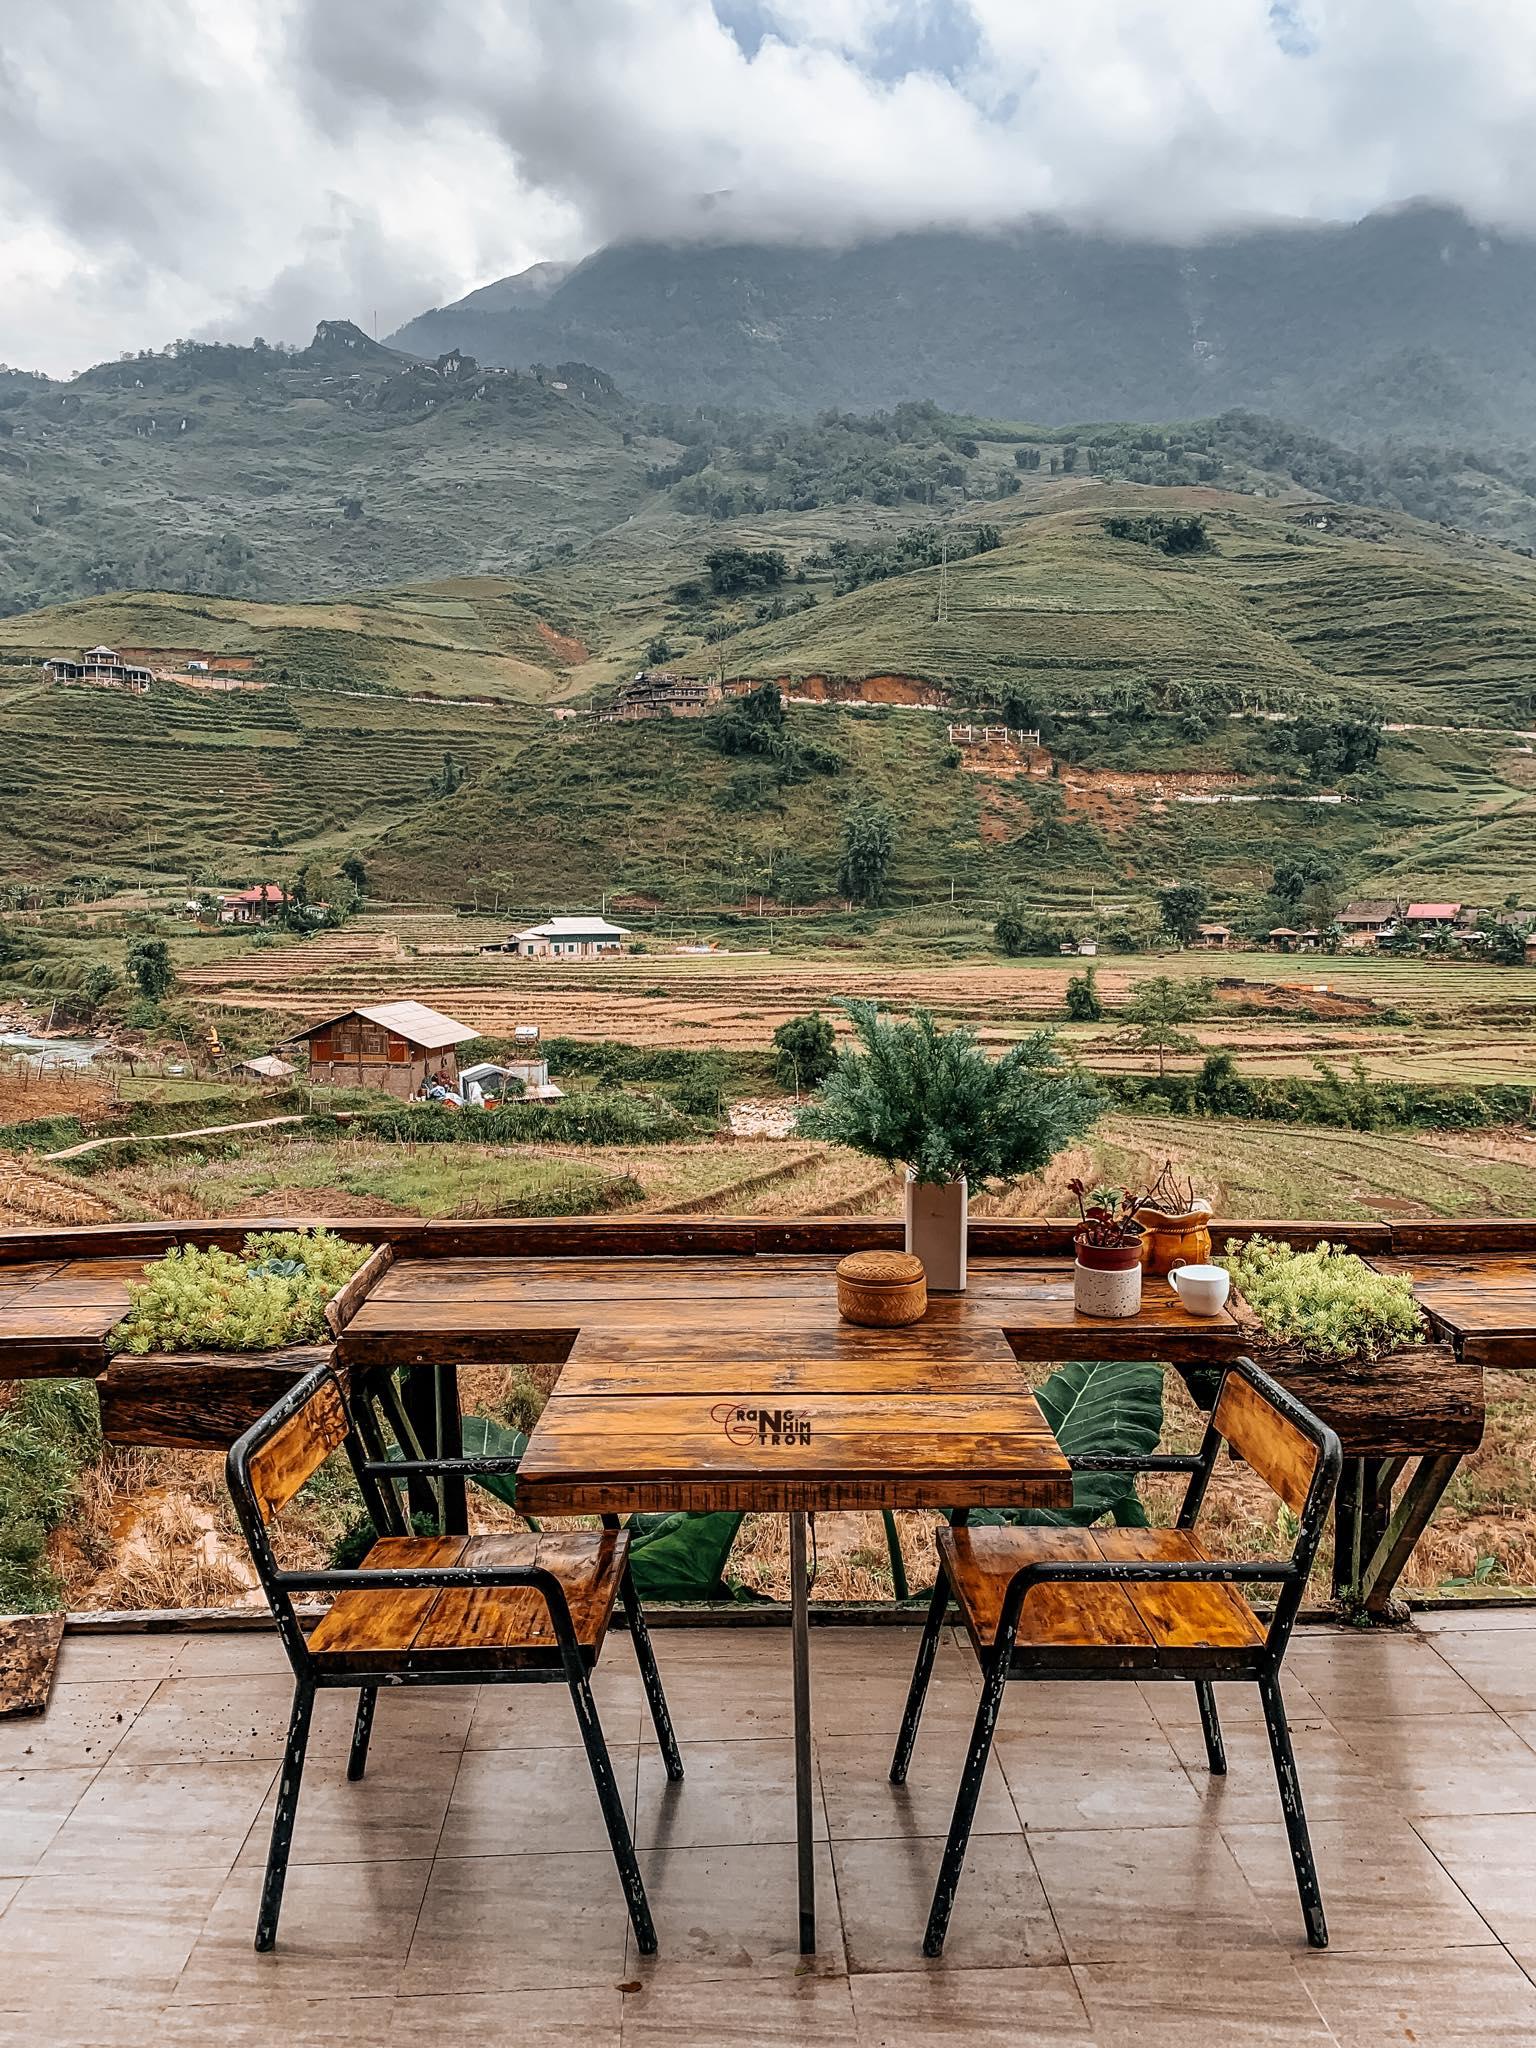 Nhâm nhi cafe giữa khung cảnh đồi núi trập trùng. Hình: Đặng Vân Trang